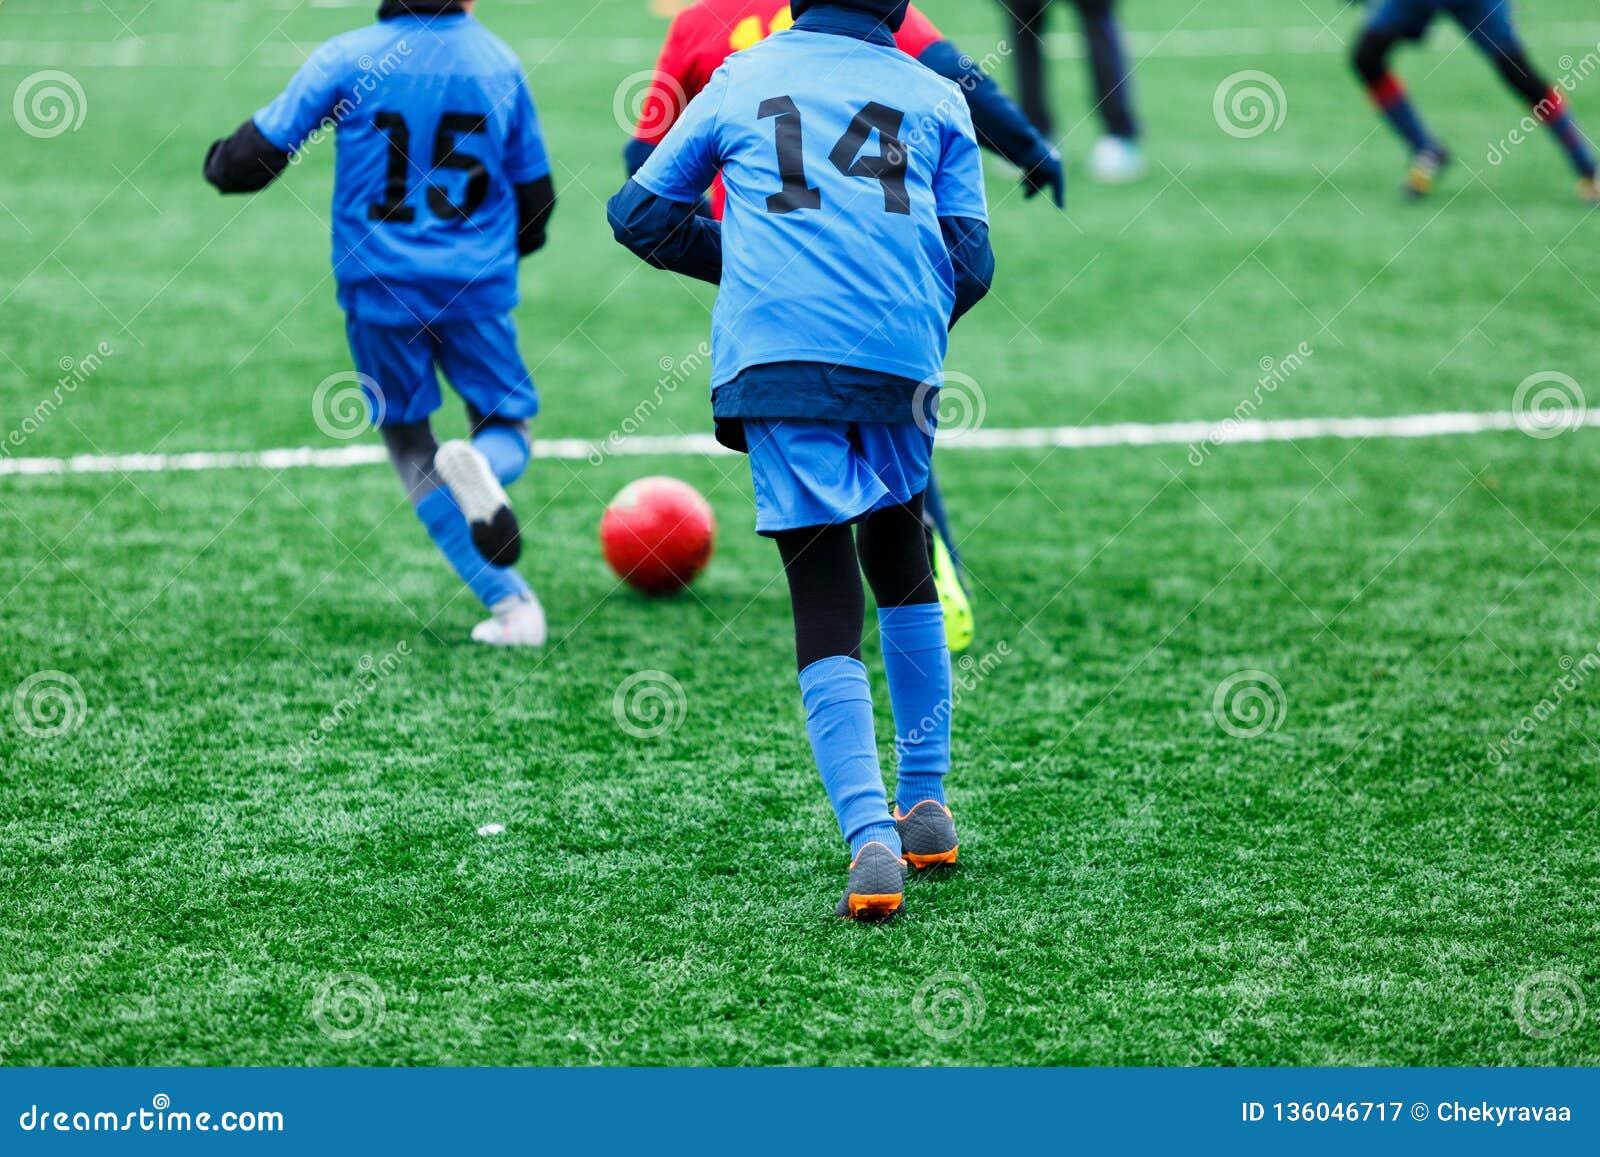 Pojkar i röd och blå sportswear spelar fotboll på fält för grönt gräs Ungdomfotbolllek Barnsportkonkurrens, ungar spelar